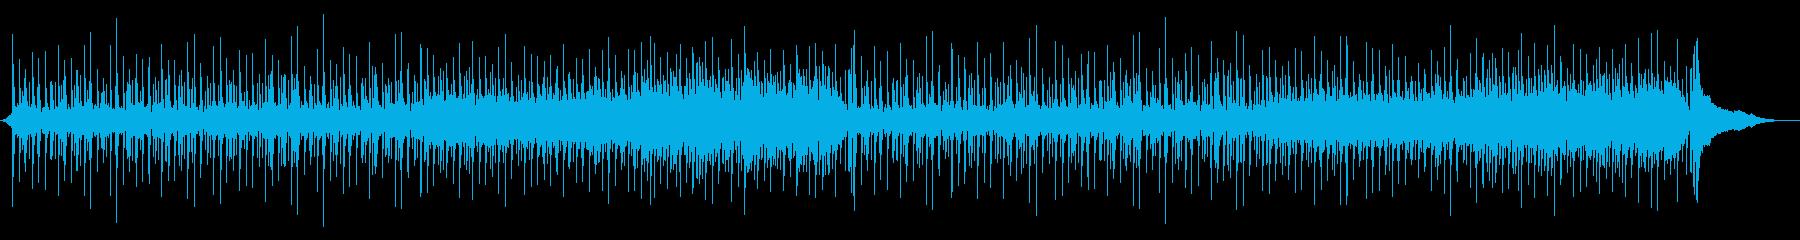 【ニュース】ニュース番組向け分析・解説Fの再生済みの波形